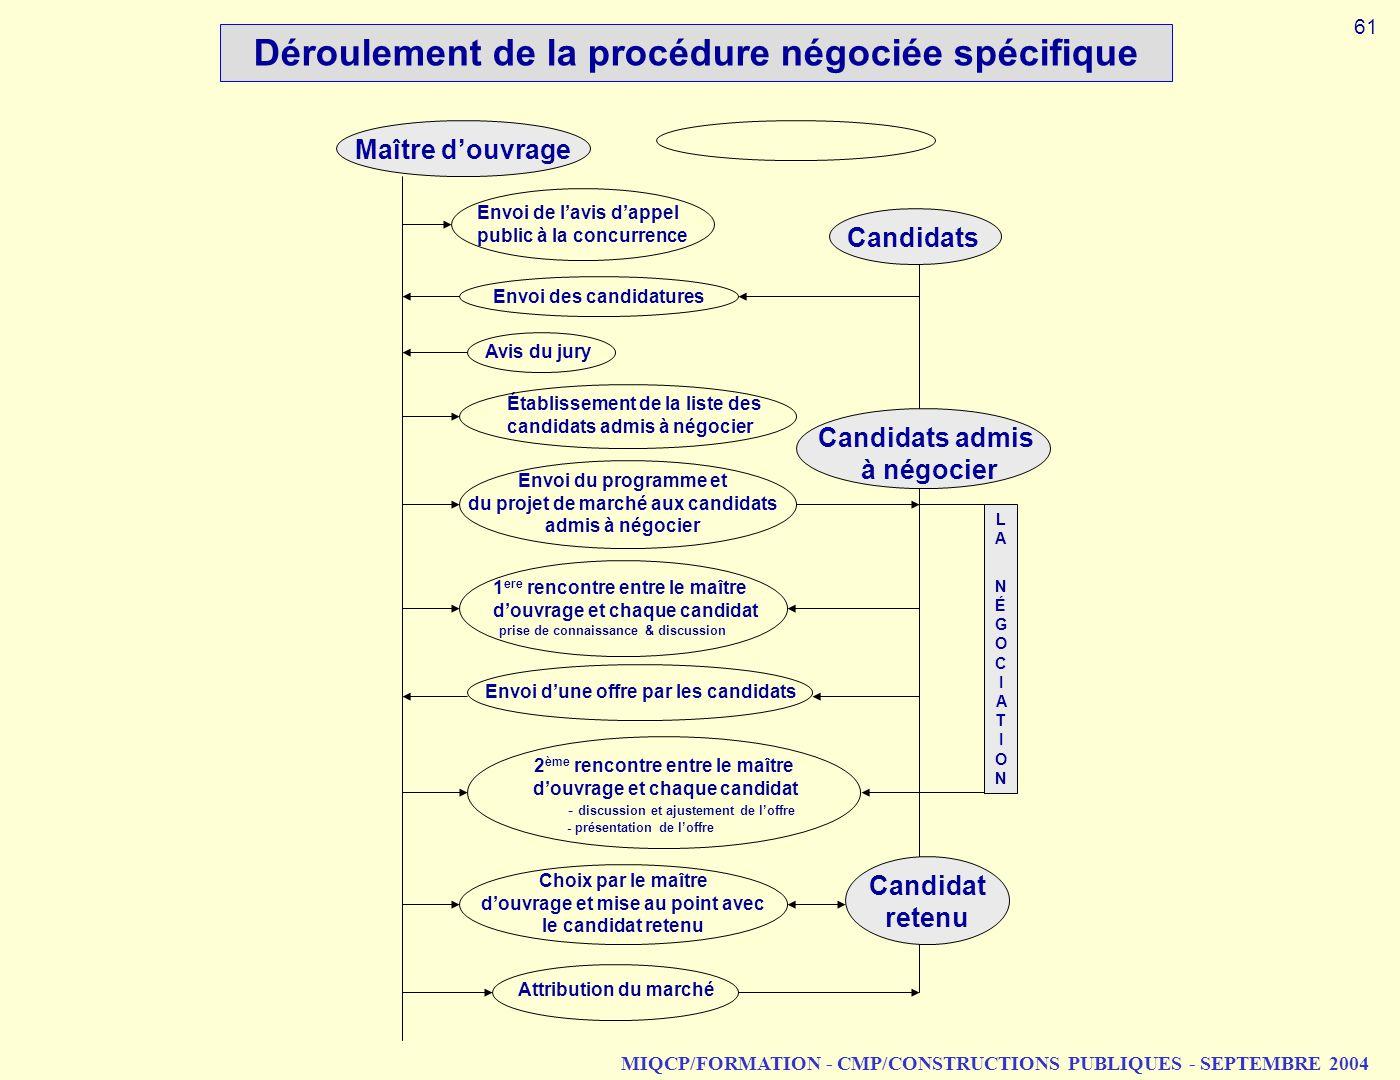 MIQCP/FORMATION - CMP/CONSTRUCTIONS PUBLIQUES - SEPTEMBRE 2004 Déroulement de la procédure négociée spécifique Maître douvrage Envoi du programme et d